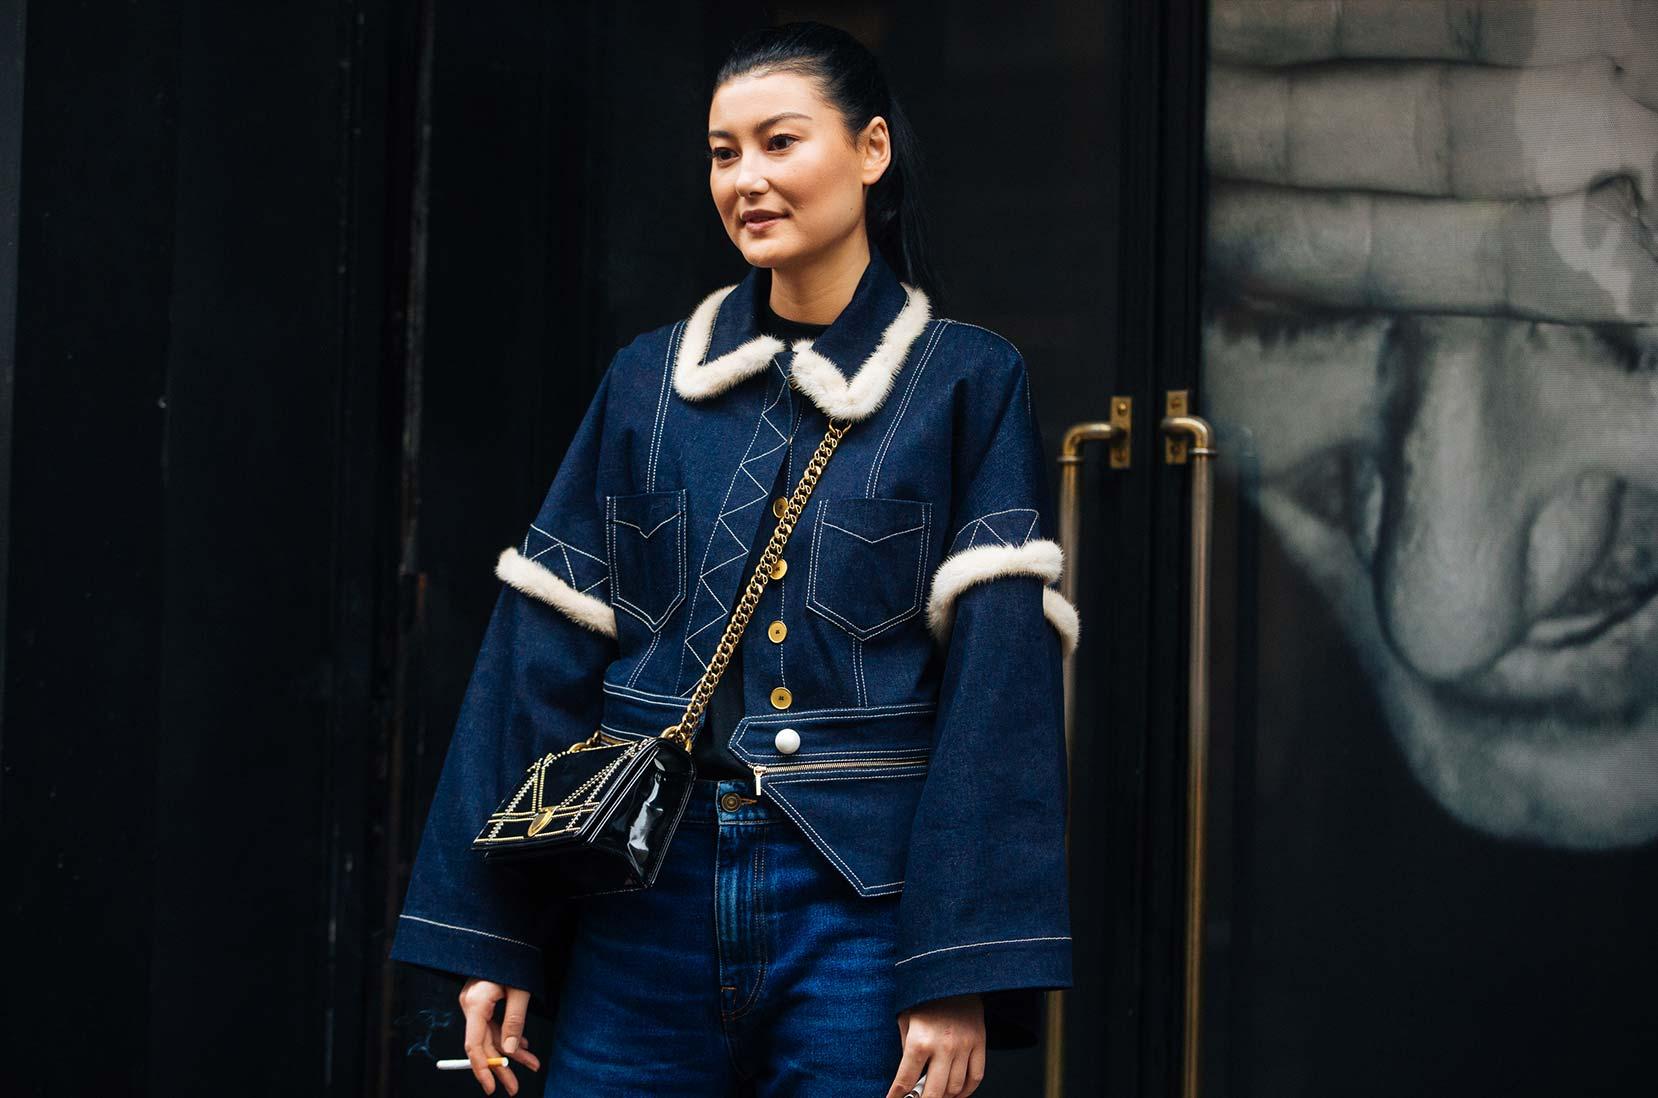 Tyylikäs lisä: Amalie Gassmann yllään turkissomisteinen takki Pariisin muotiviikoilla kevät/kesä 2018 © Melodie Jeng/Getty Images